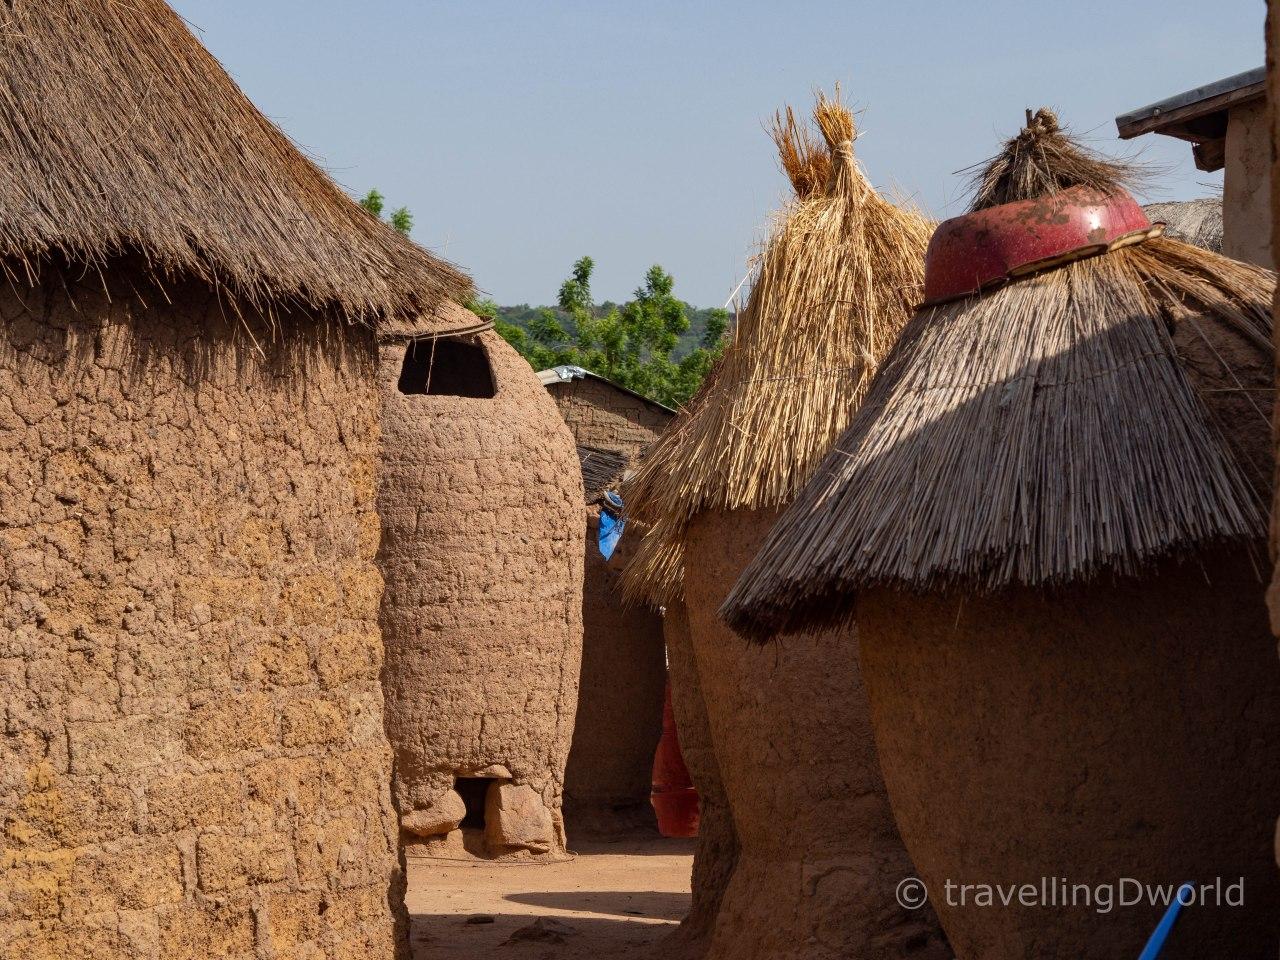 Casas tradicionales en Burkina Faso